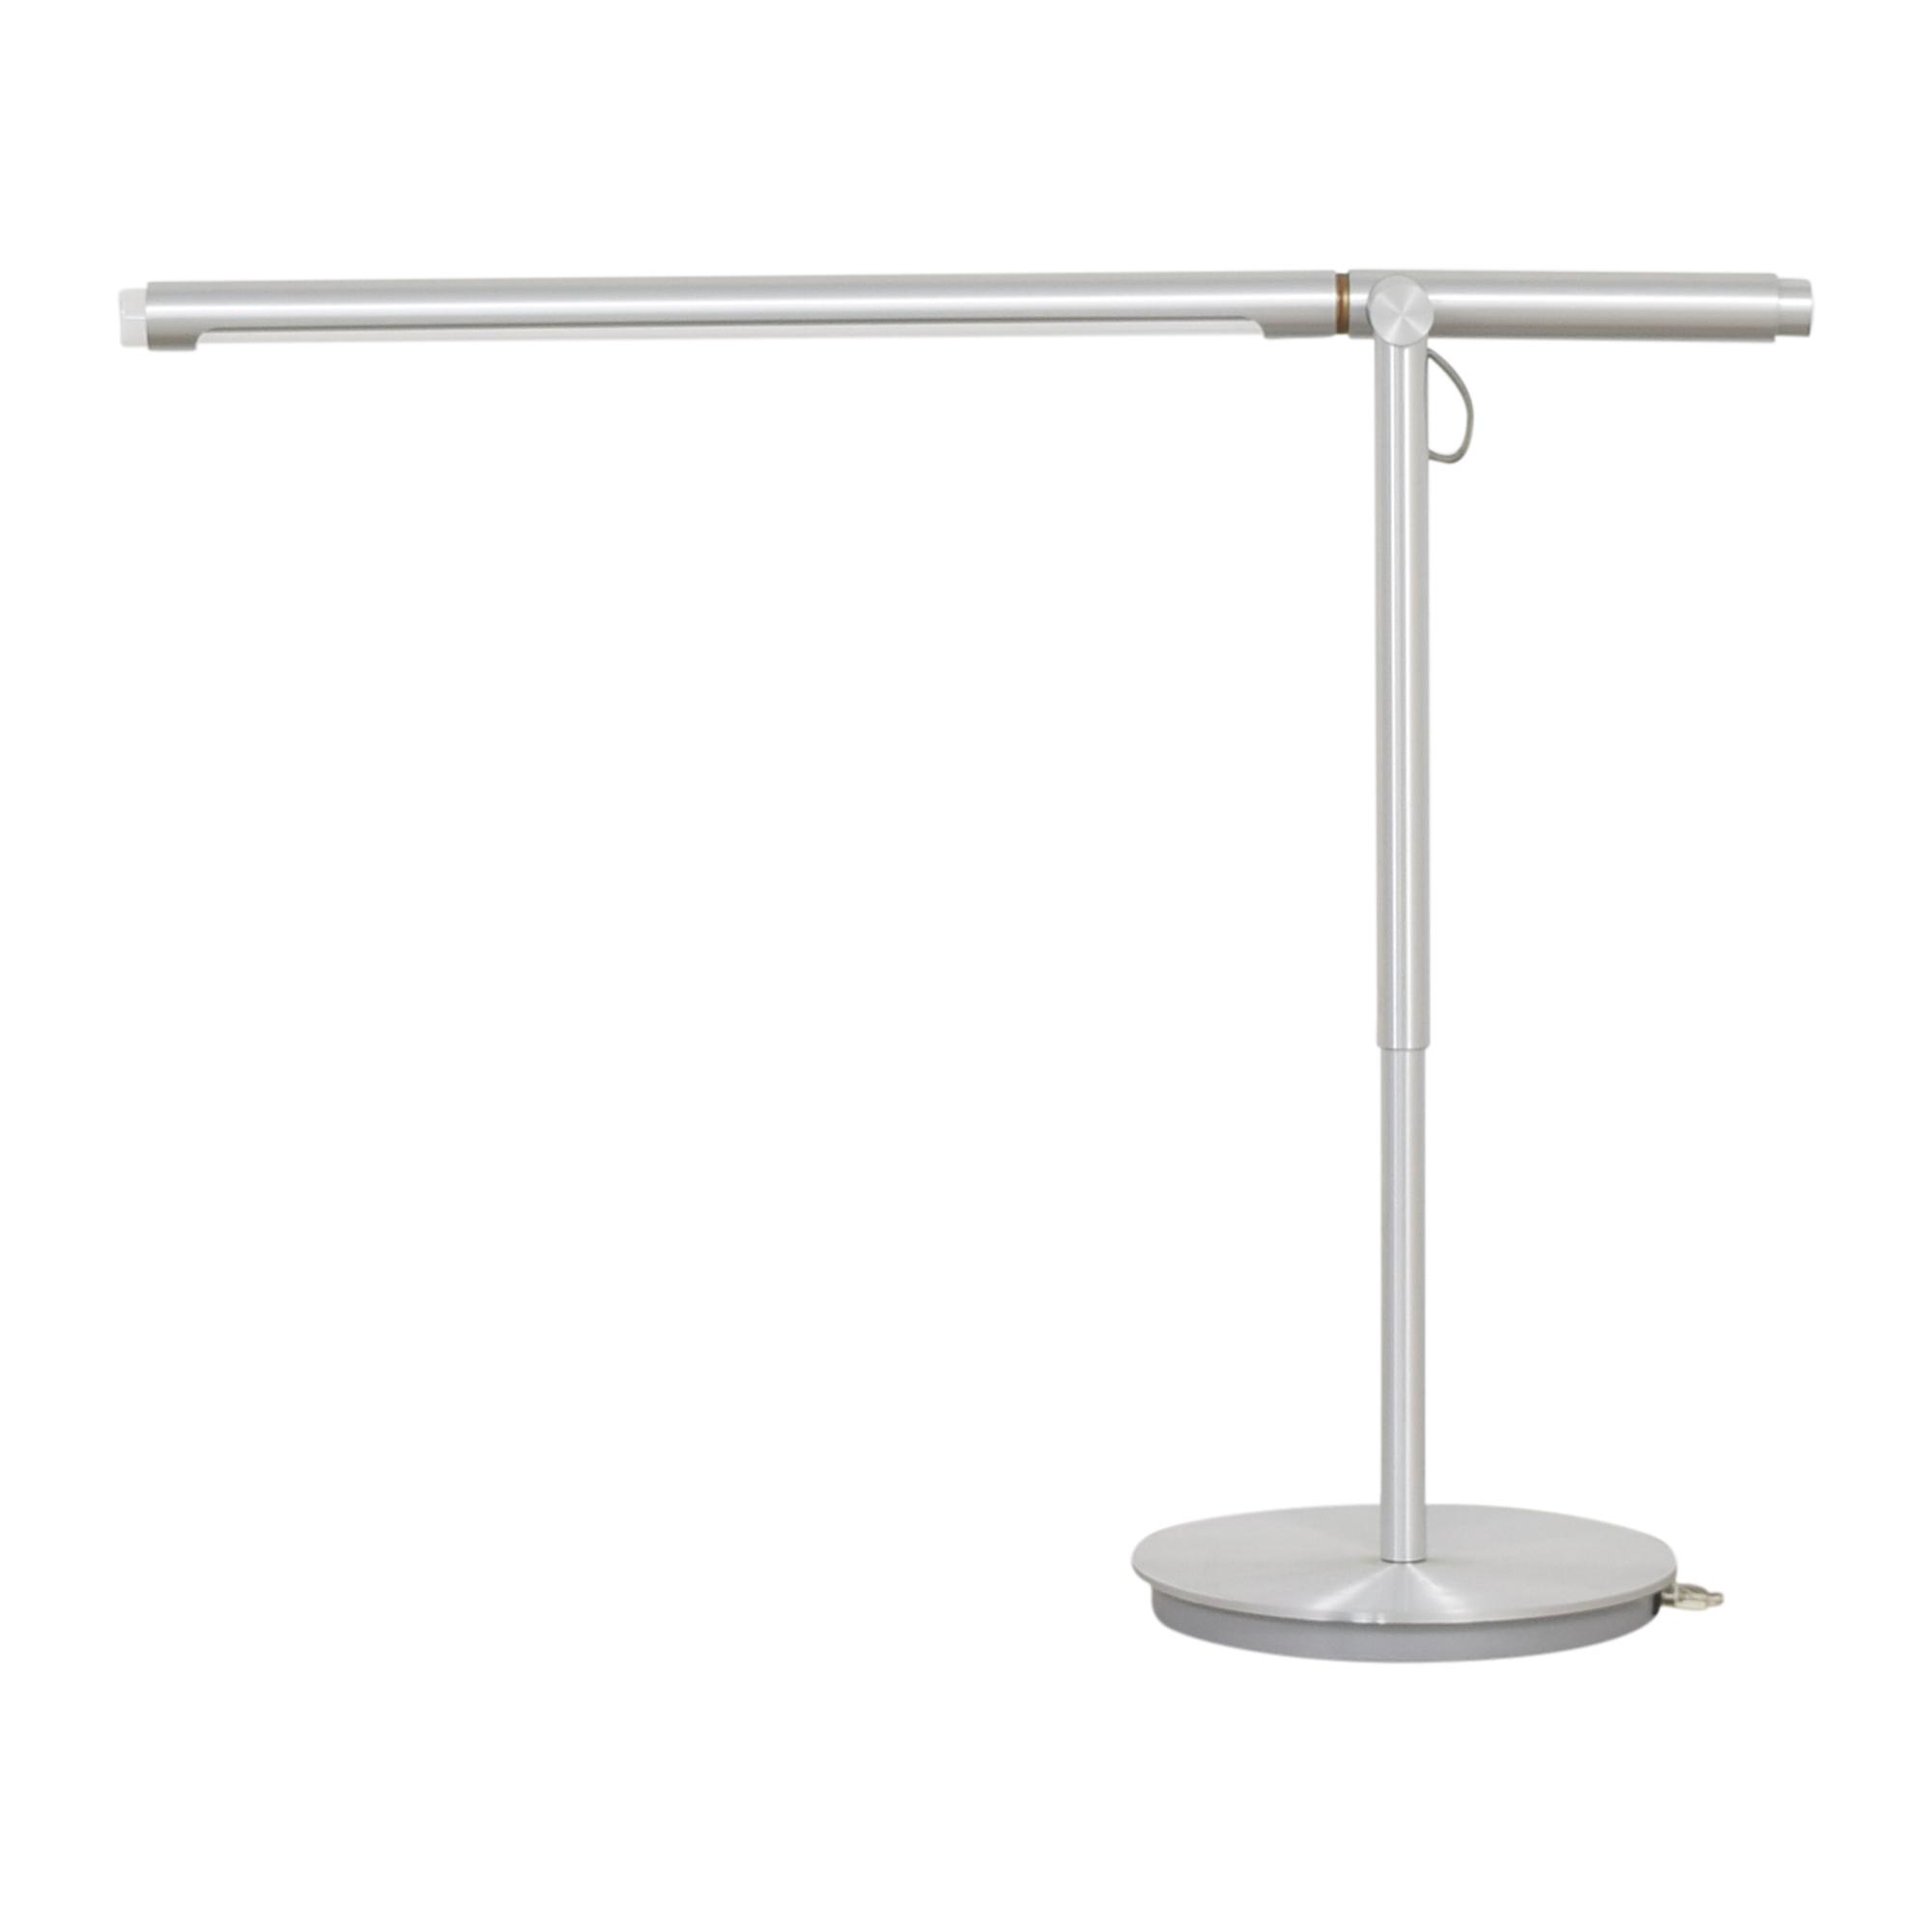 Pablo Designs Pablo Designs Brazo Table Lamp ma